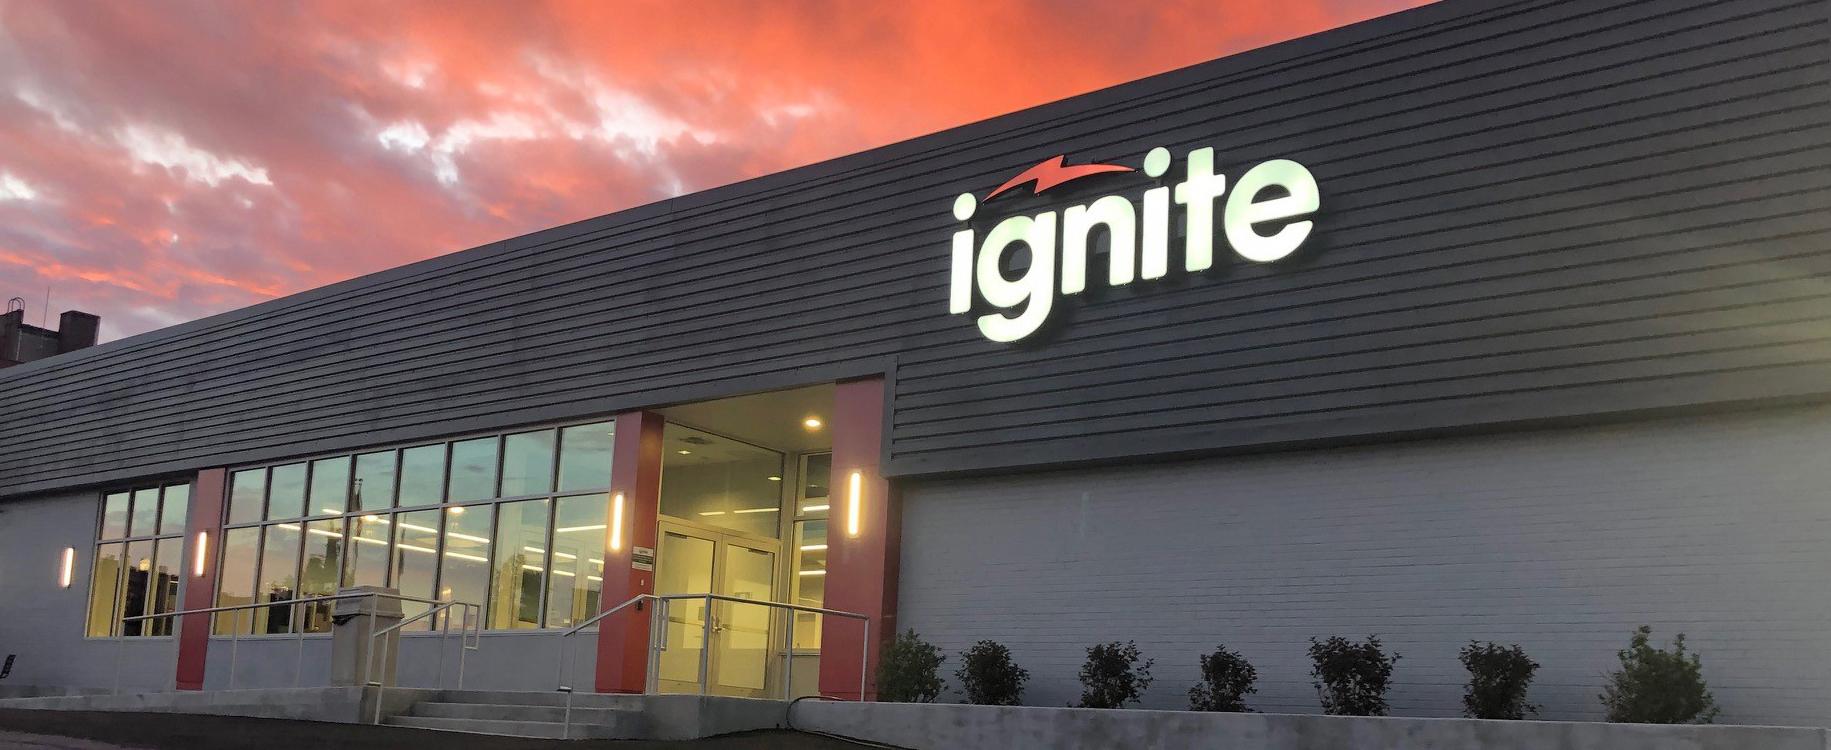 Ignite Night Sky_CROP